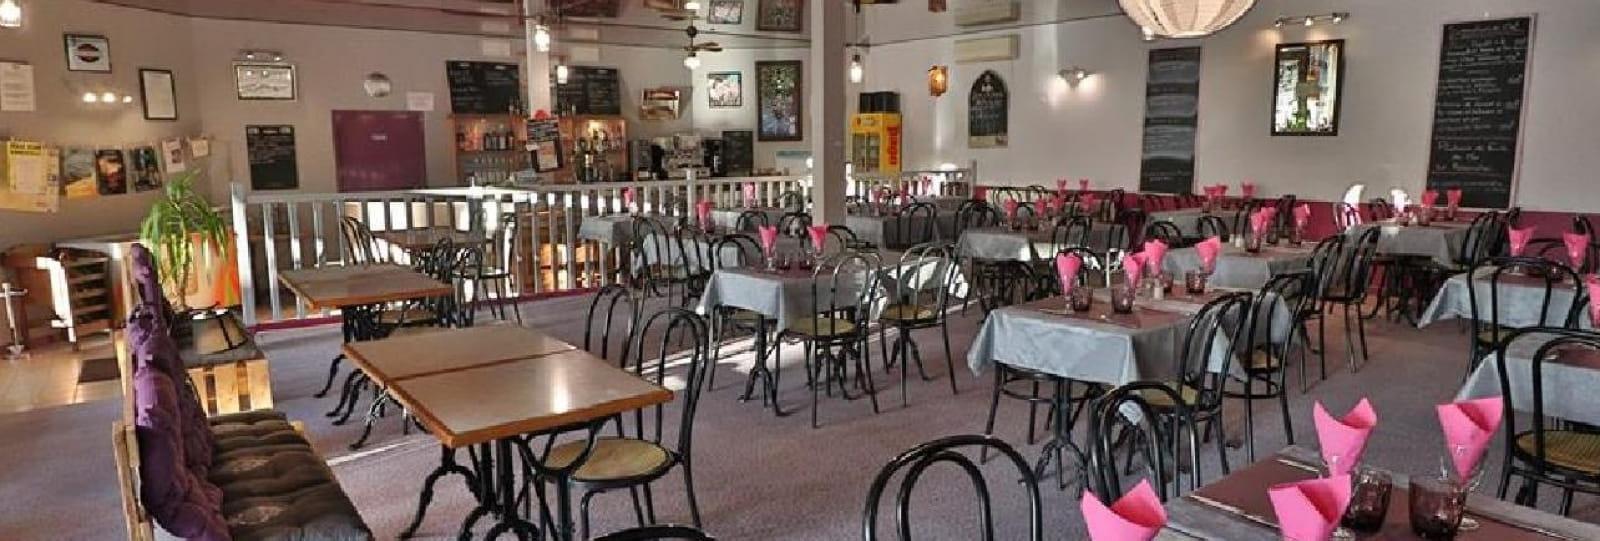 Fermé Temporairement - Restaurant Brasserie La Croix D'or